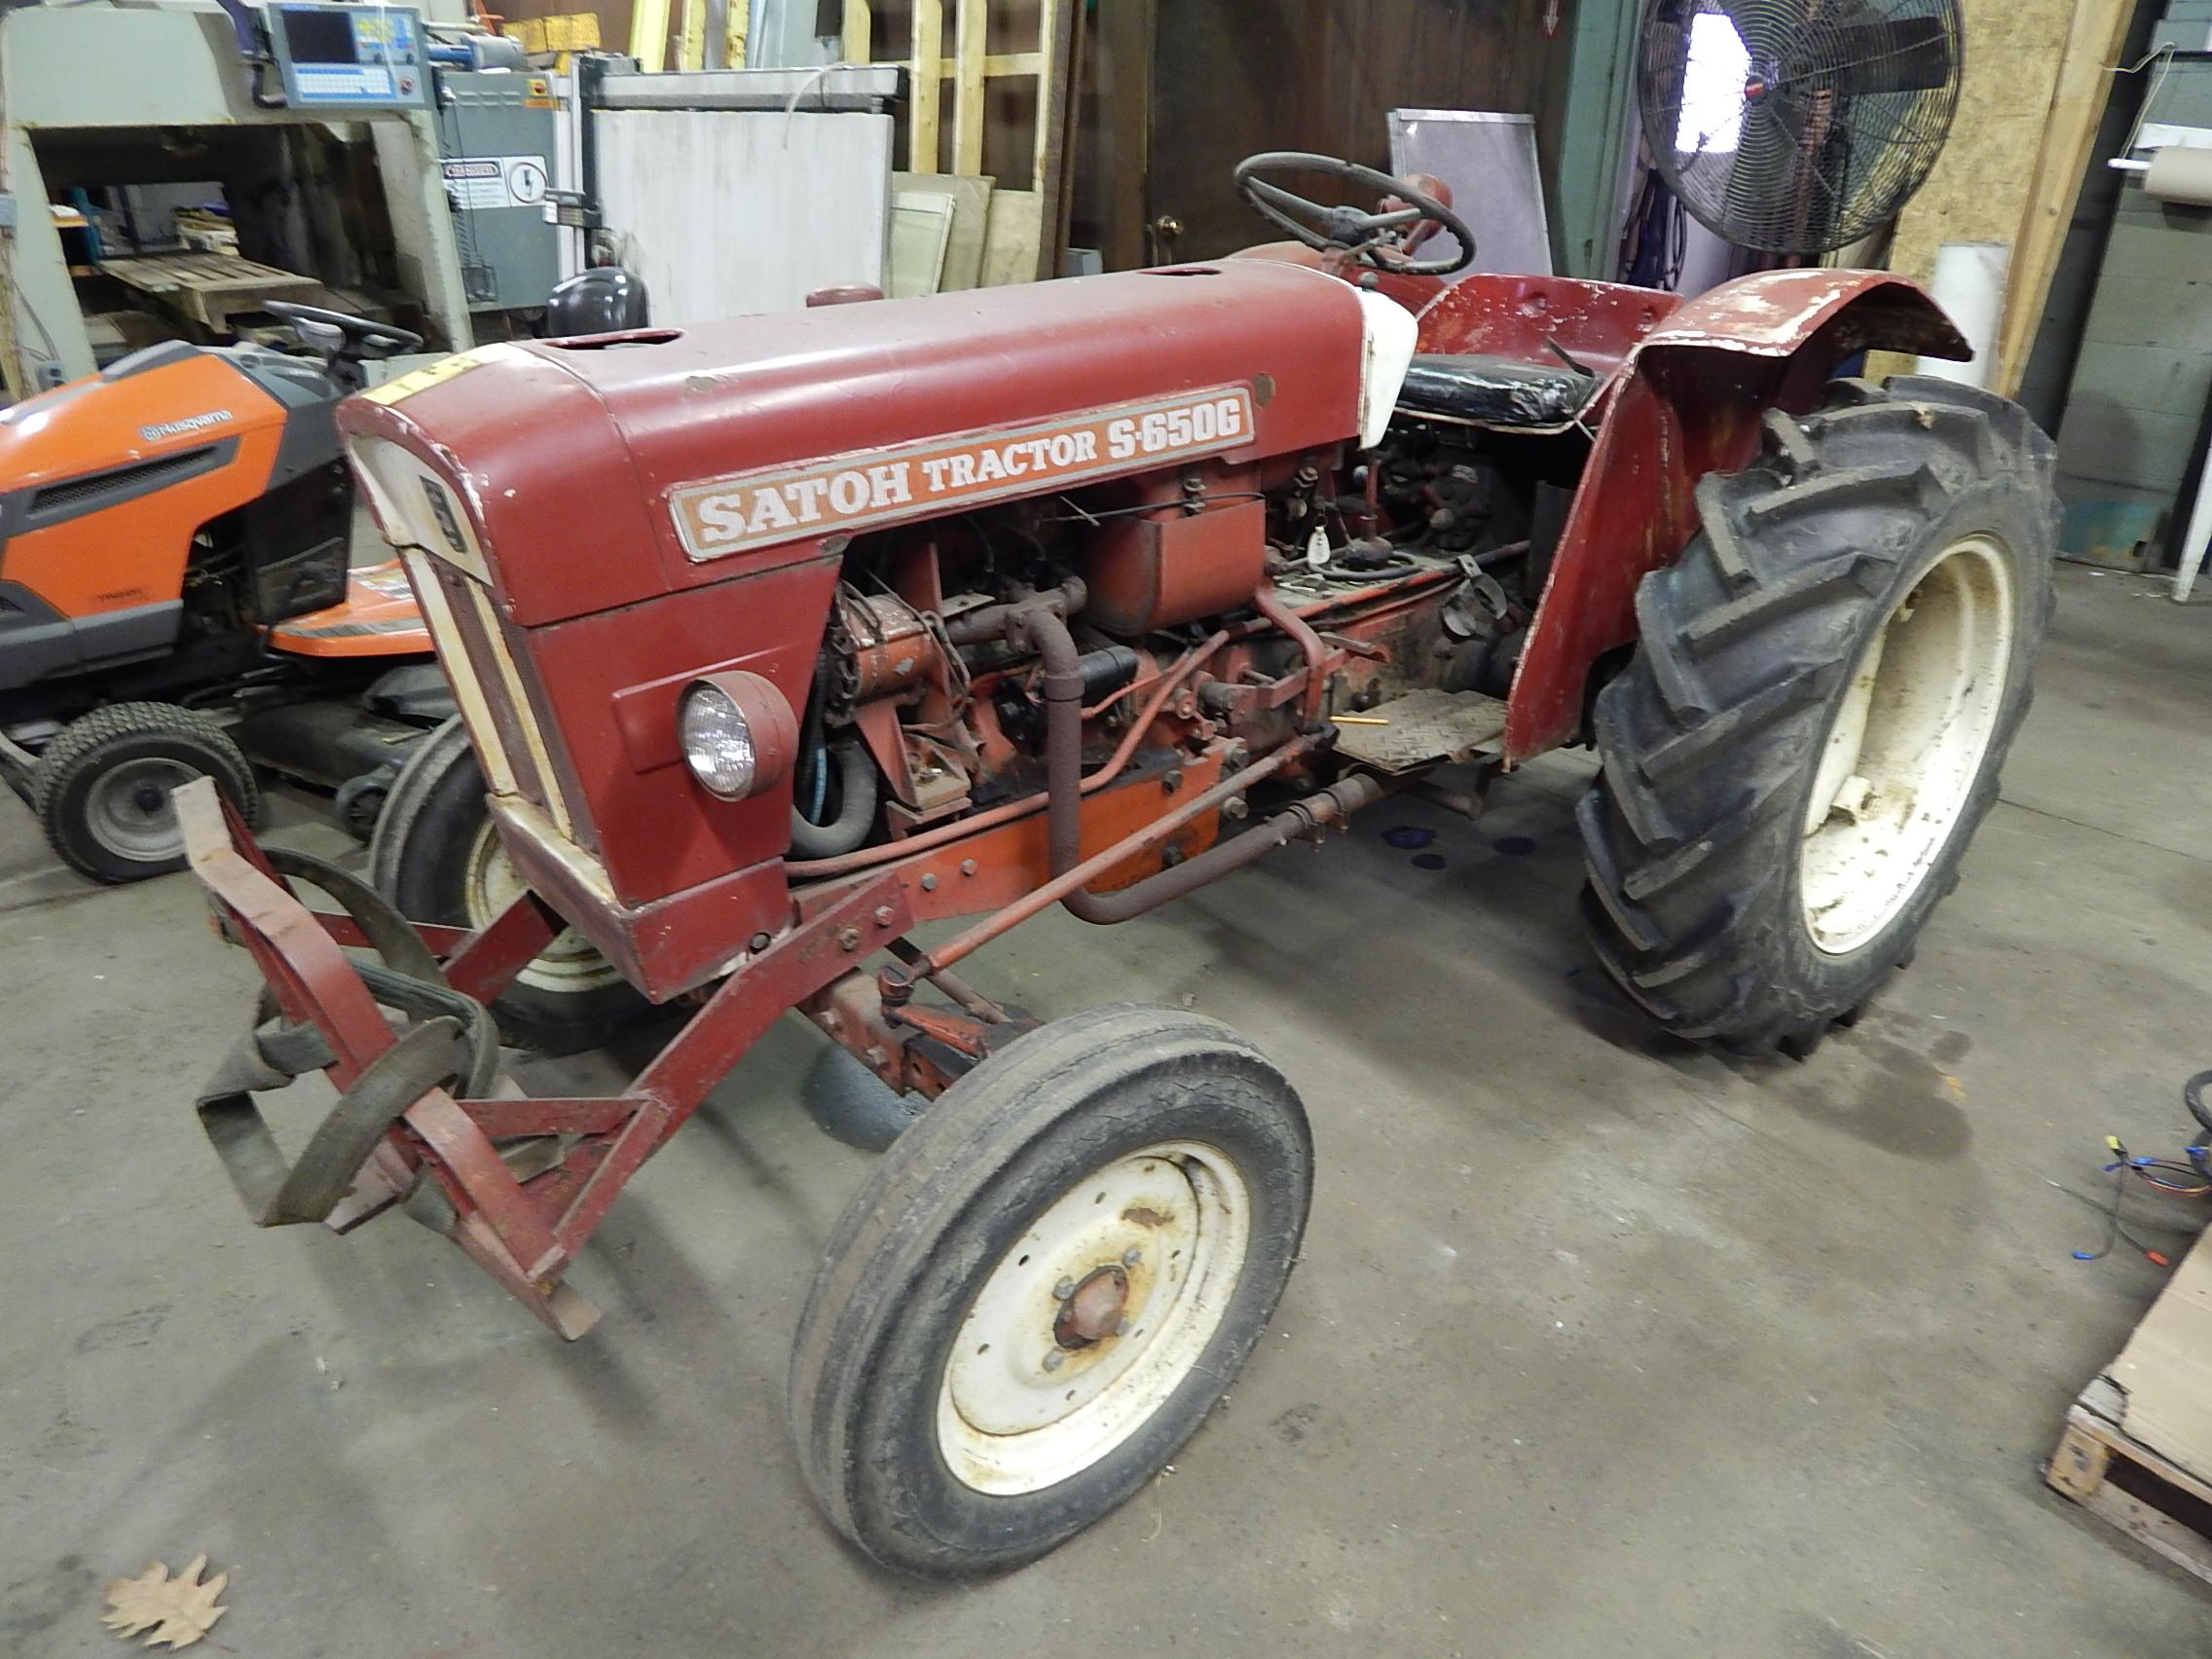 satoh model s-650g tractor, 4 cylinder gas engine, 2 wd ... ford ranger 4 cylinder engine diagram